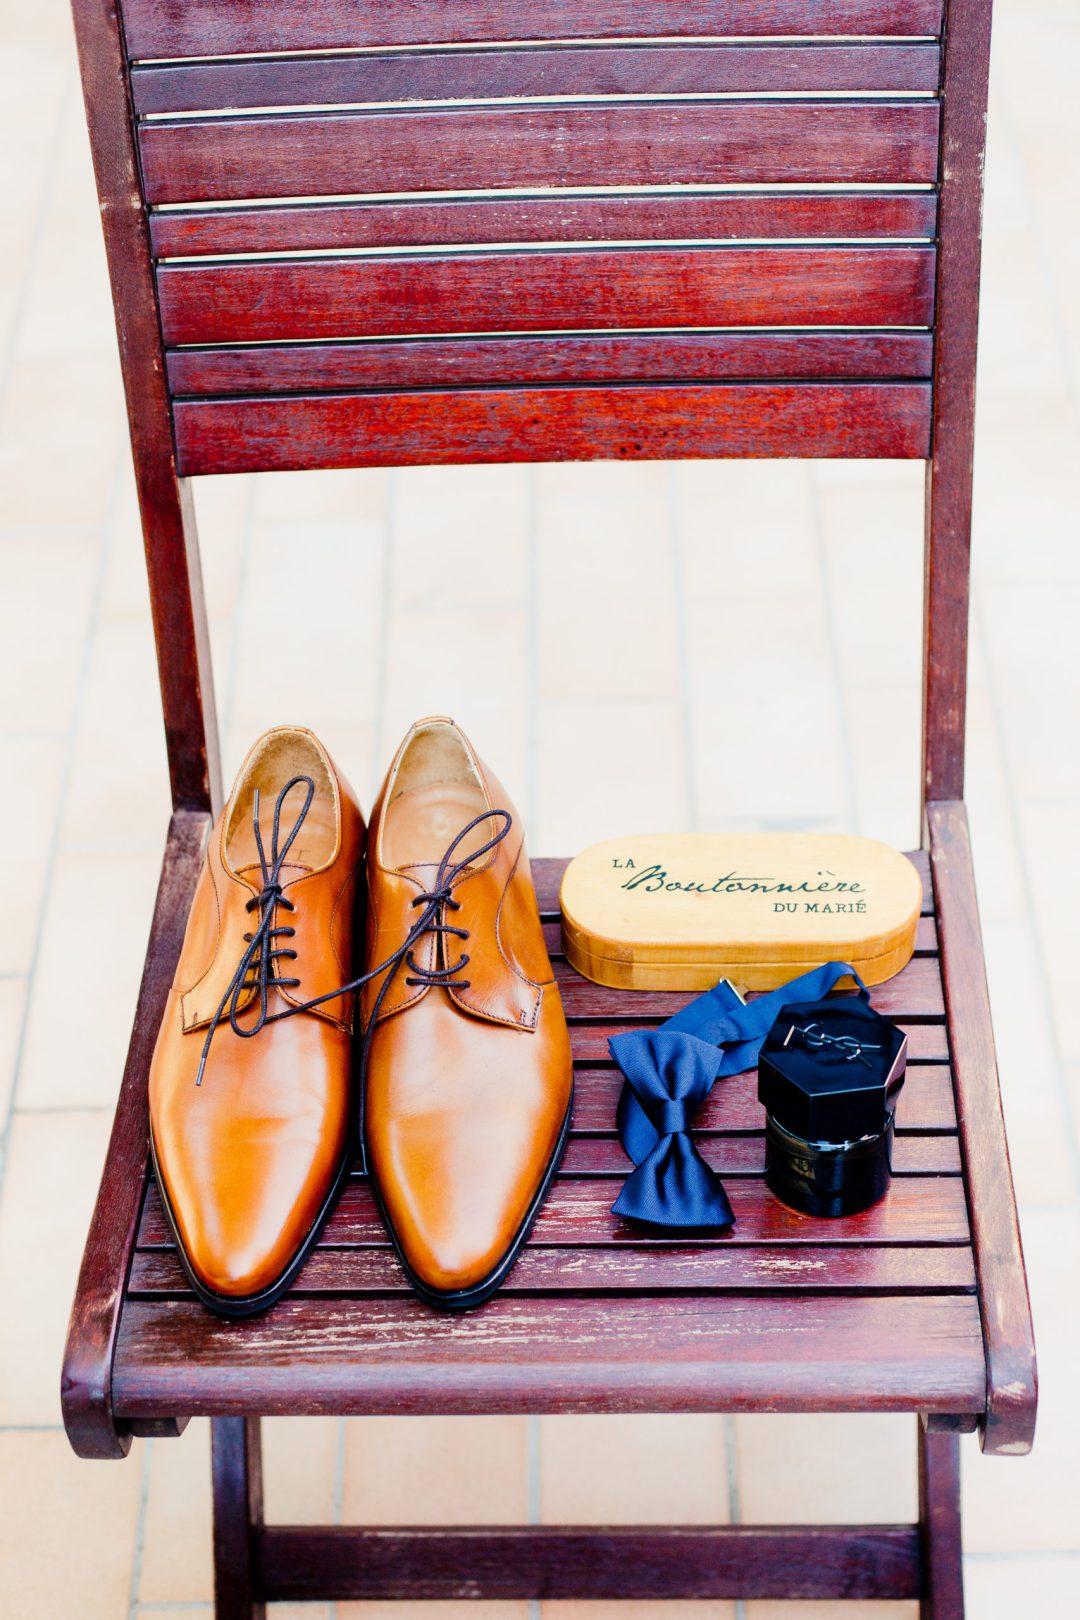 accessoires pour homme, chaussures mariés, noeud papillon, parfum